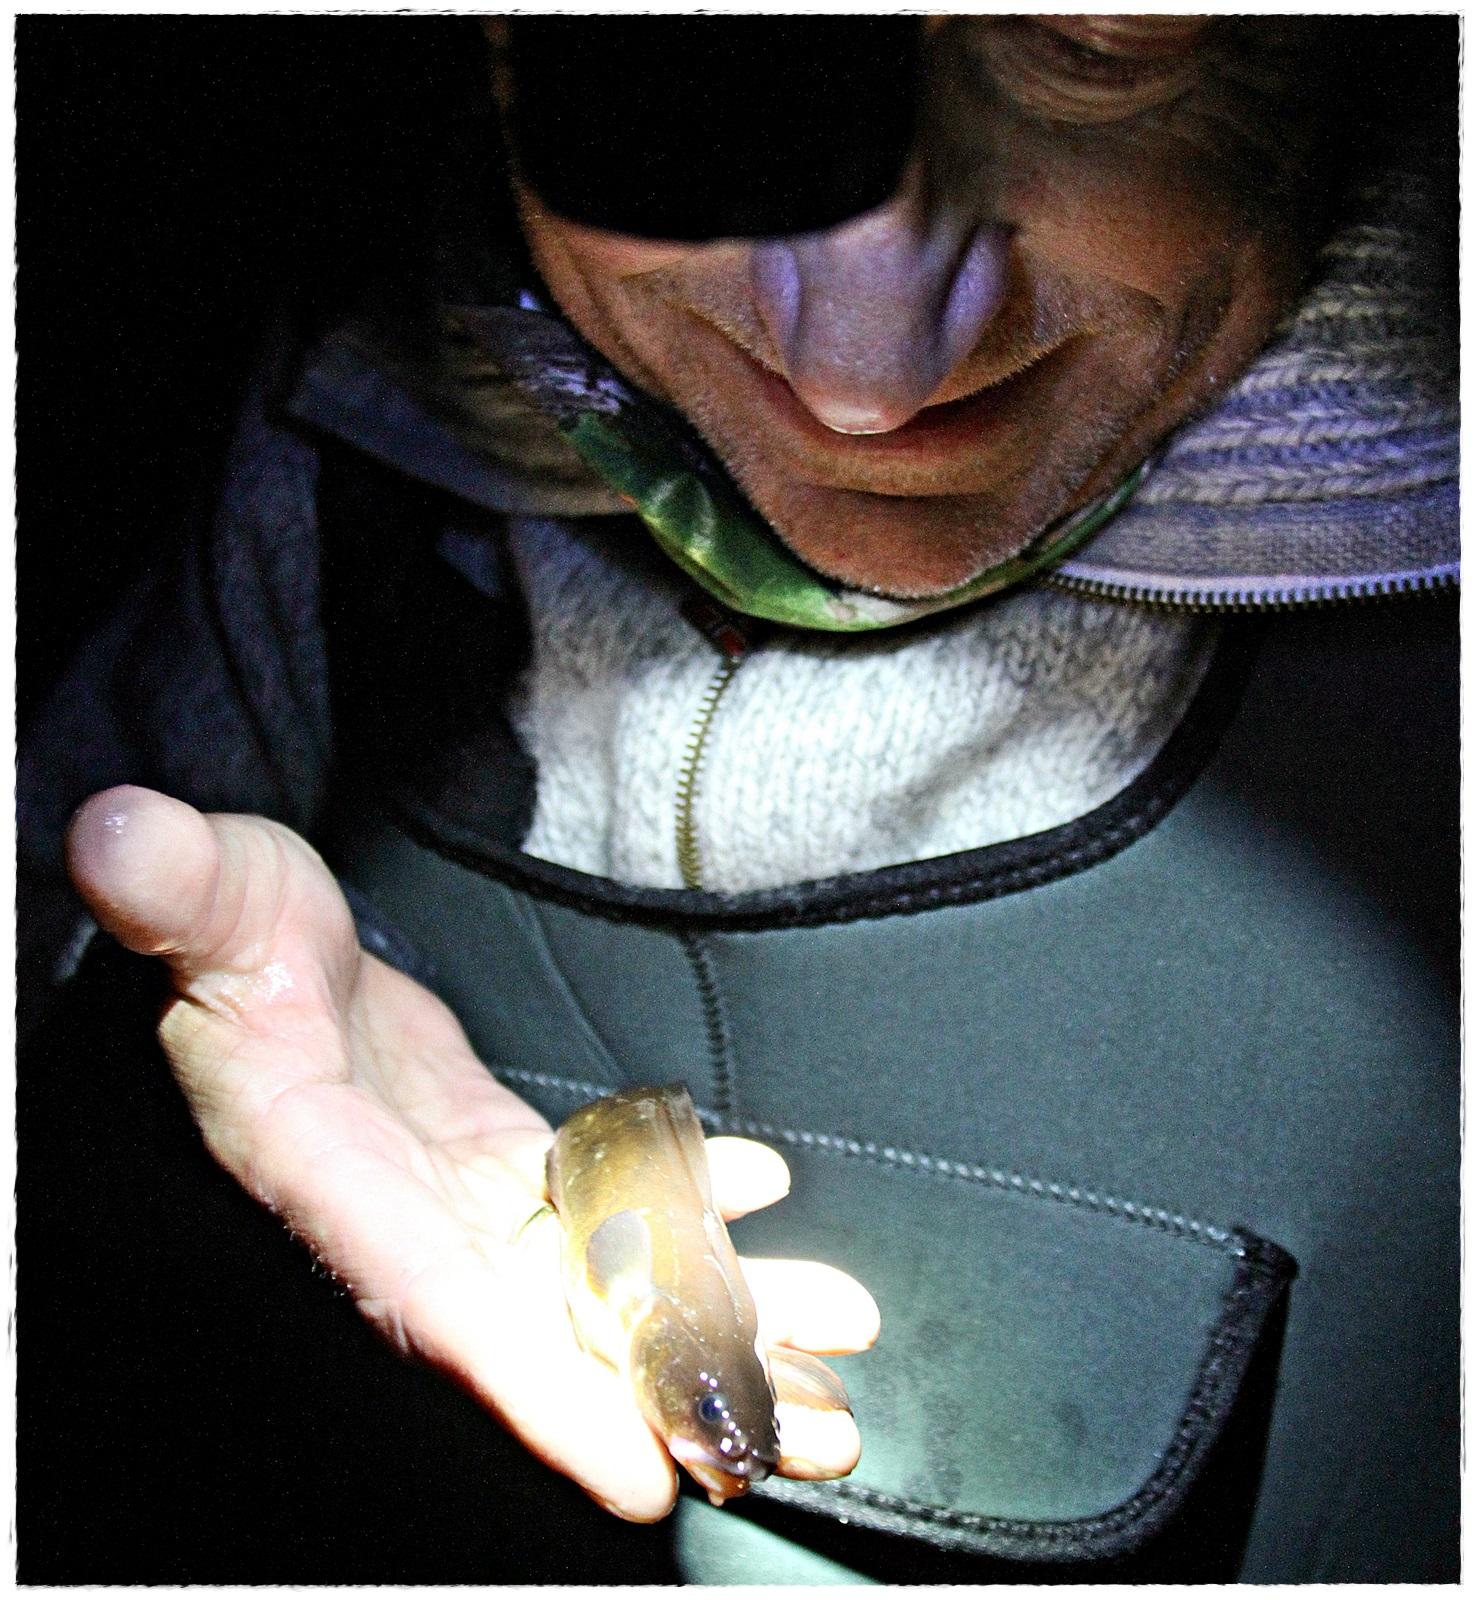 En femtrådet tangbrosme ble art nummer 60 i Lillesand fanget fra vannkikkebrett